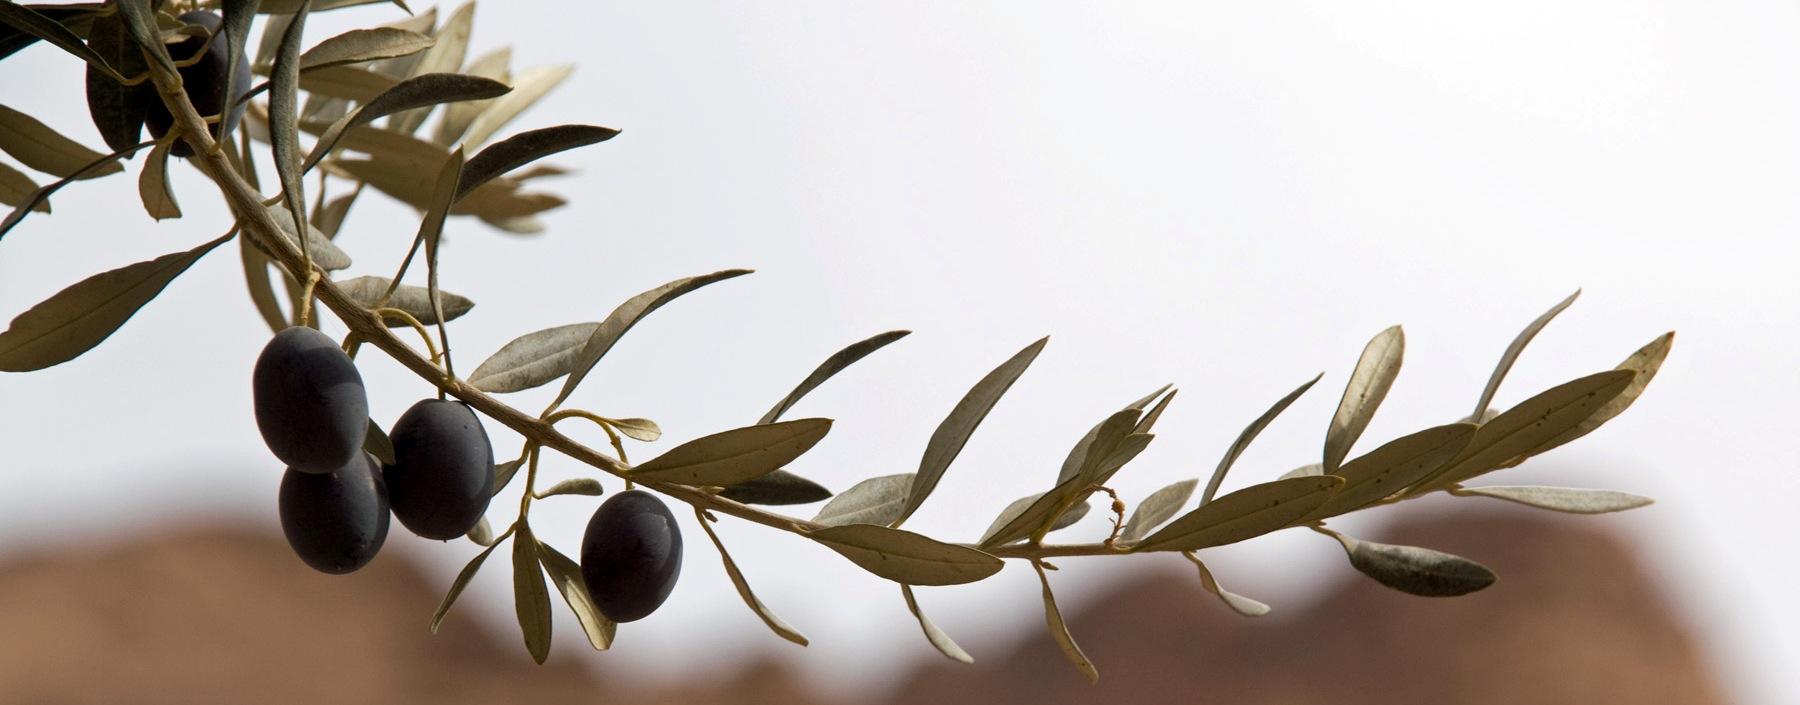 Olive Oil branch